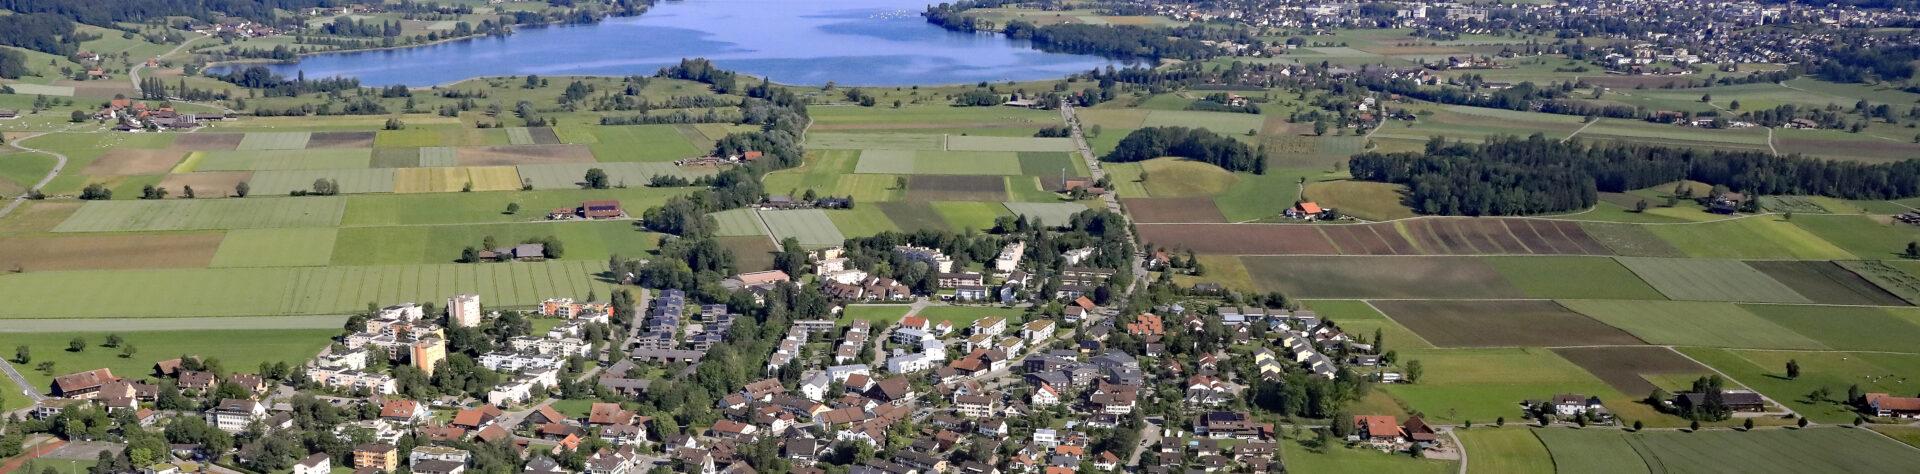 Metropolitanraum-Zuerich-Moenchaltdorf